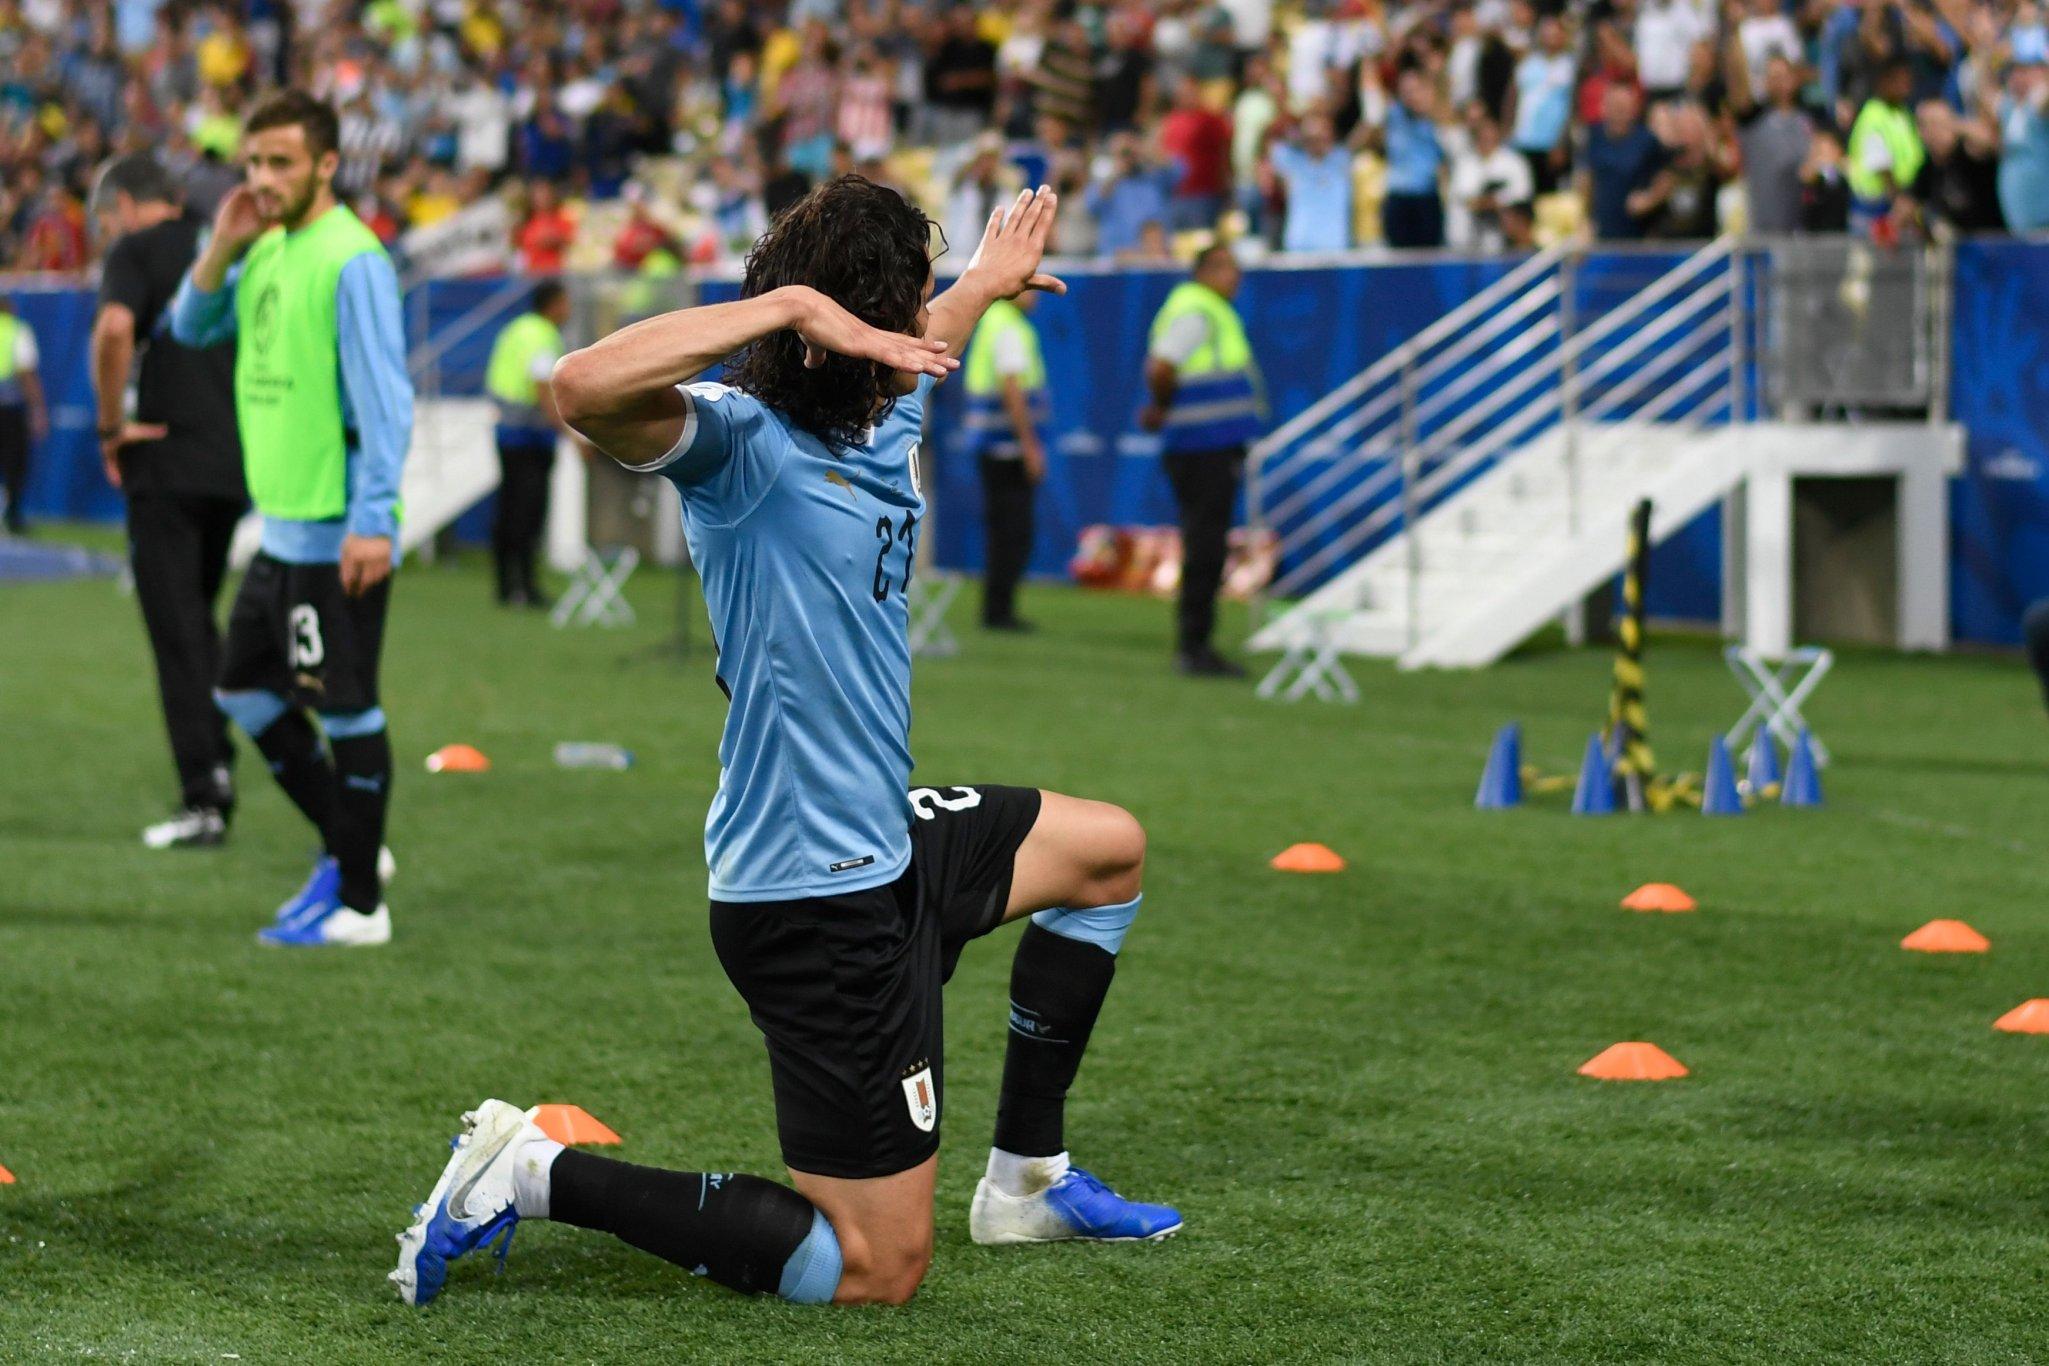 DAZN, Copa America Quarti, Diretta Esclusiva, Palinsesto e Telecronisti